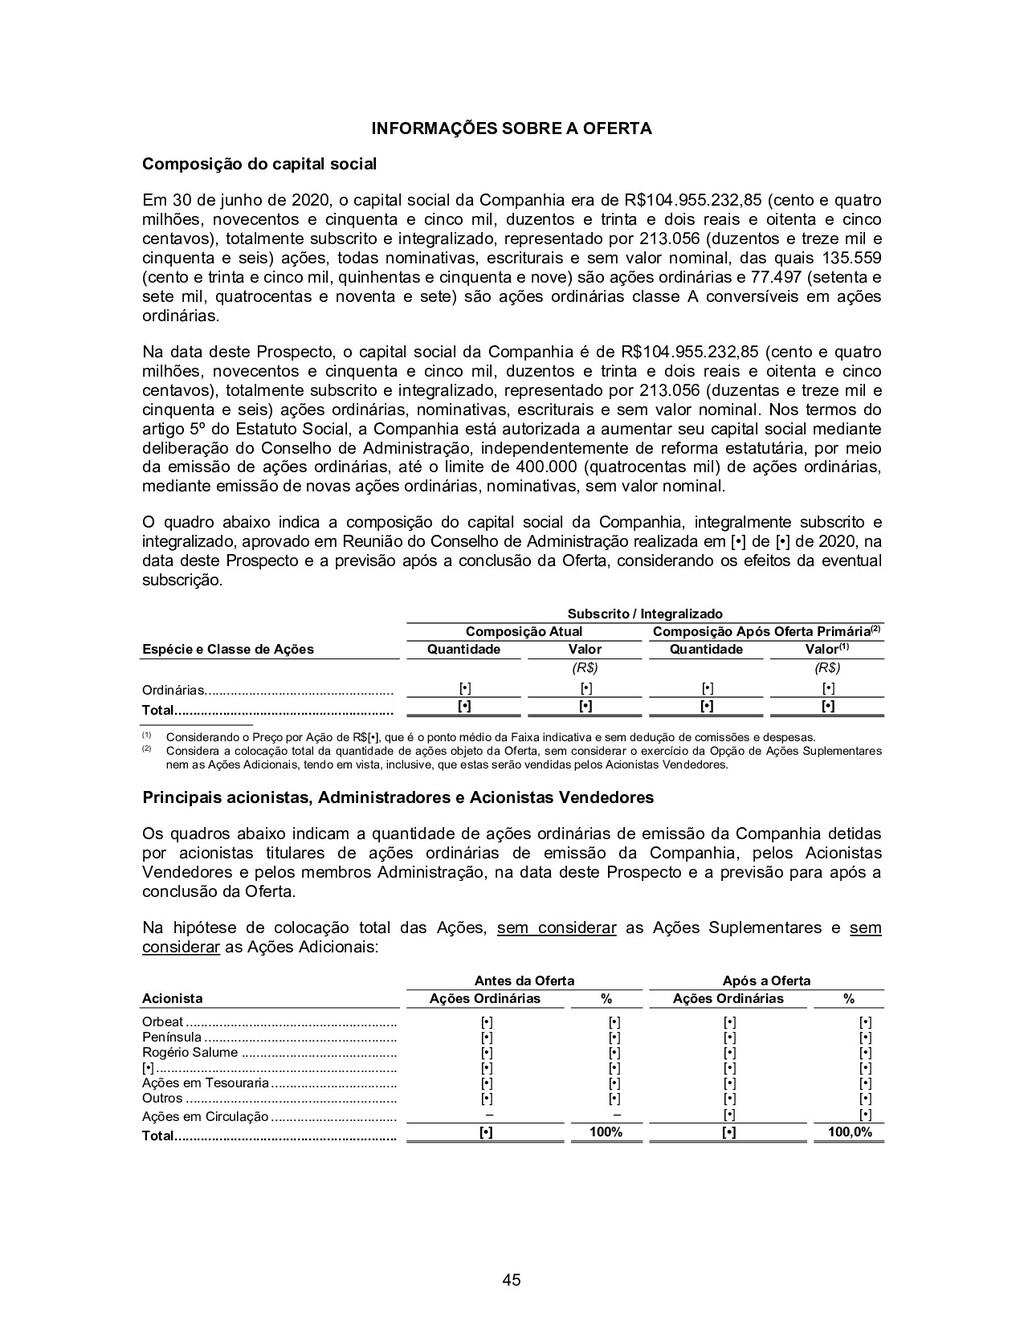 45 INFORMAÇÕES SOBRE A OFERTA Composição do cap...